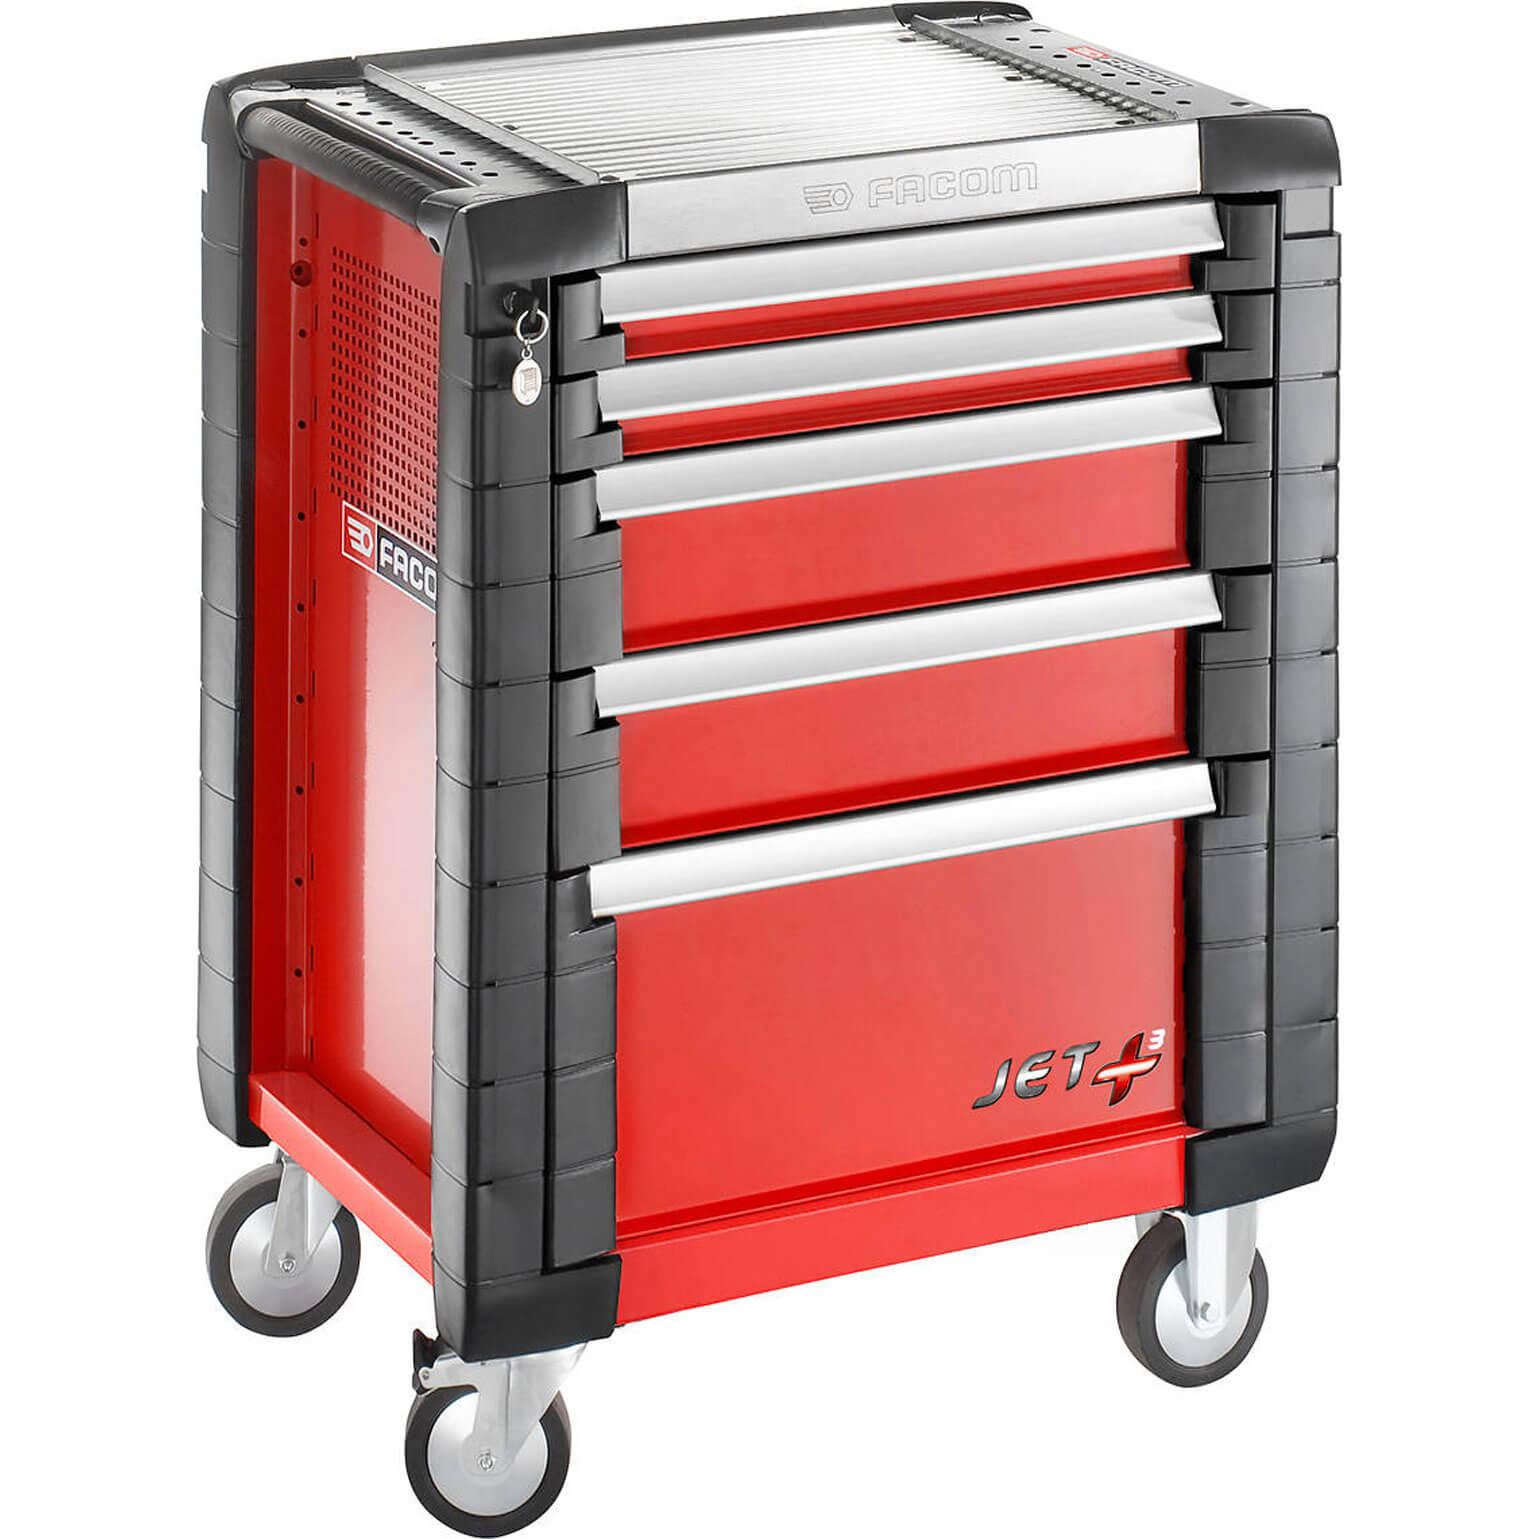 Facom jet 5 drawer tool roller cabinet black for Roller sideboard